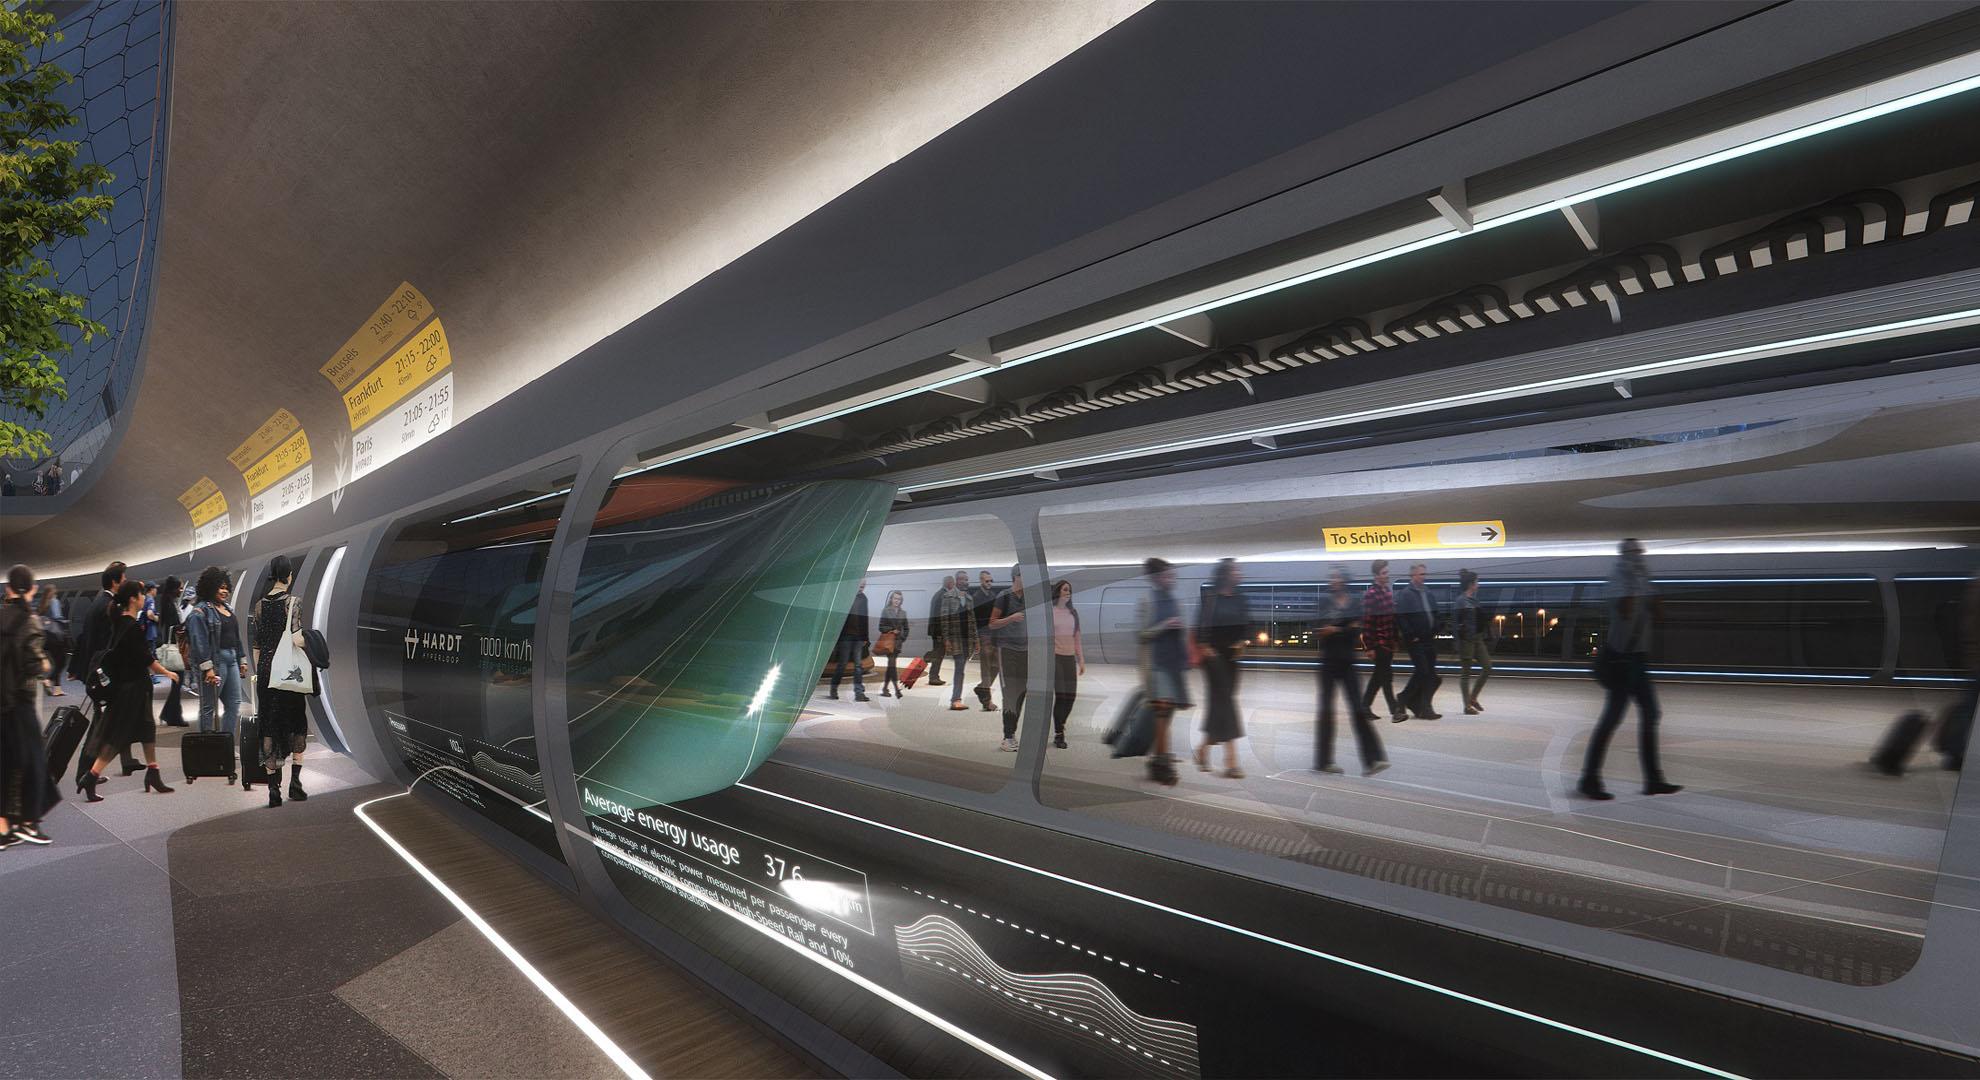 Plataforma Hardt Hyperloop, Aeropuerto Schiphol. UNStudio (diseño de estación), Plompmozes (visualización)